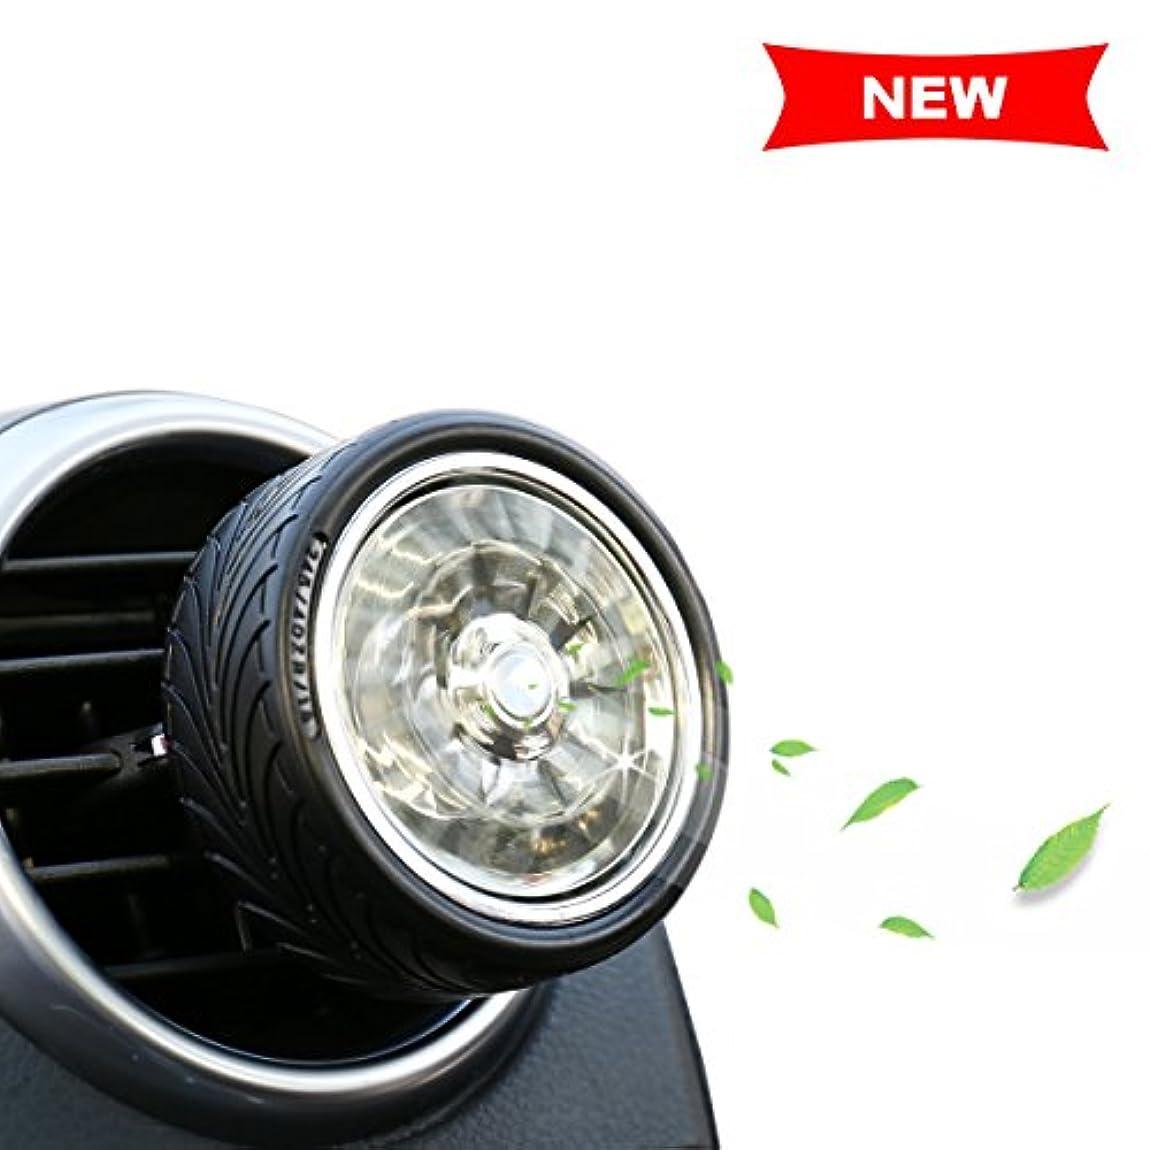 ログ横たわる工場Aromatherapy Essential Oil Diffuser Car Air Freshener匂い、煙、臭気削除イオンエアークリーナー、シガレット、ほこり、なアクセサリーの自動車/ RV &車ギフト| CE、...